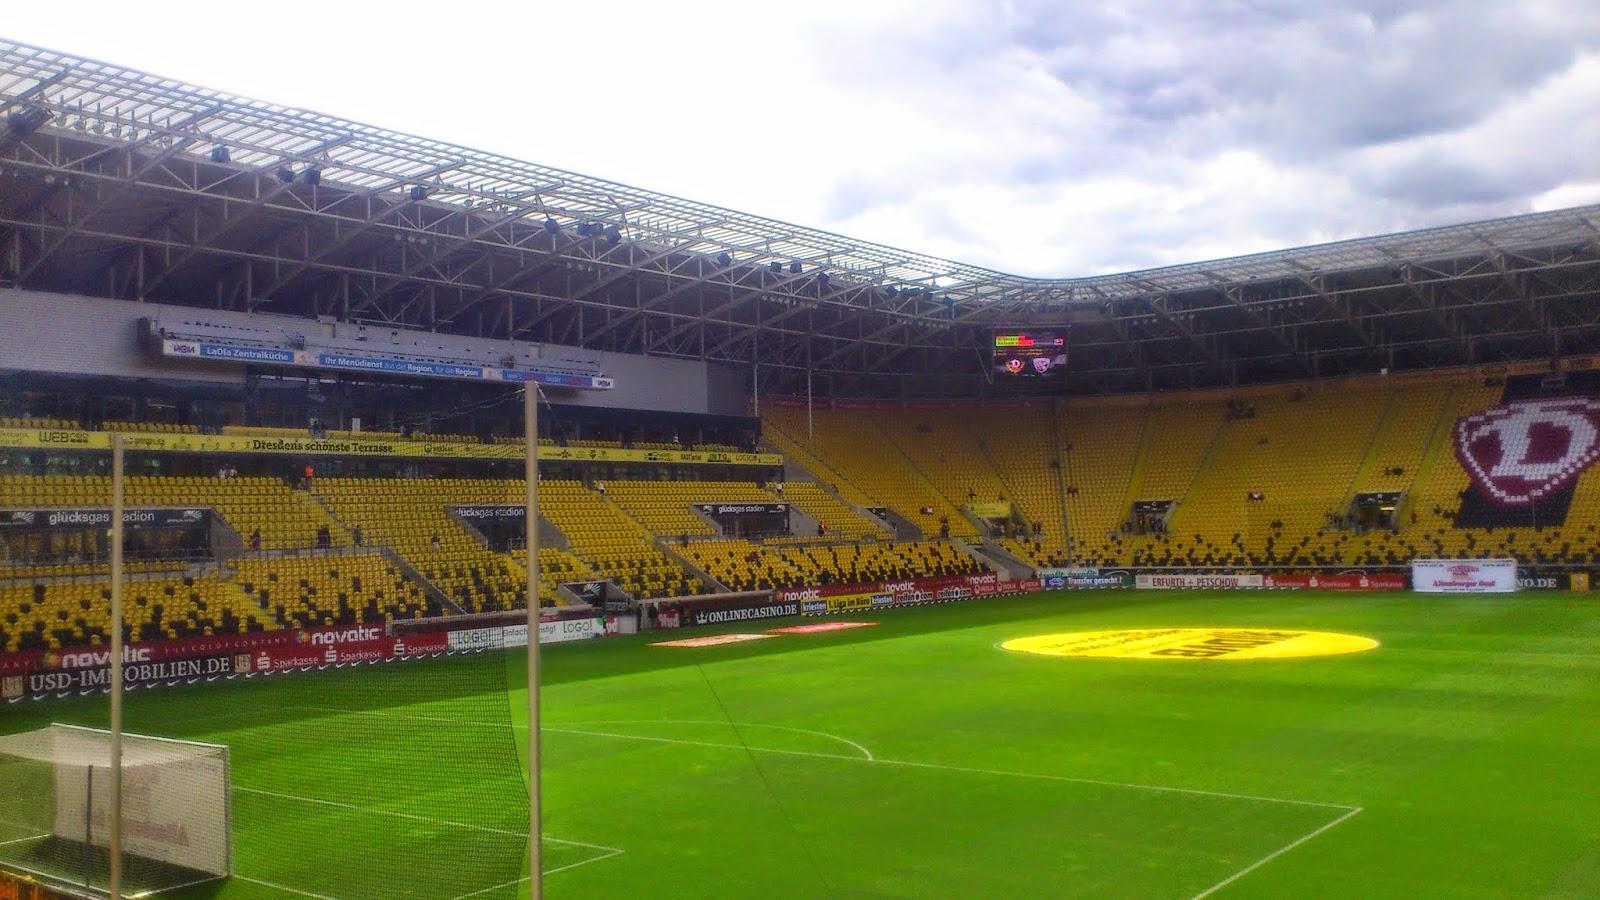 Dynamo Ingolstadt